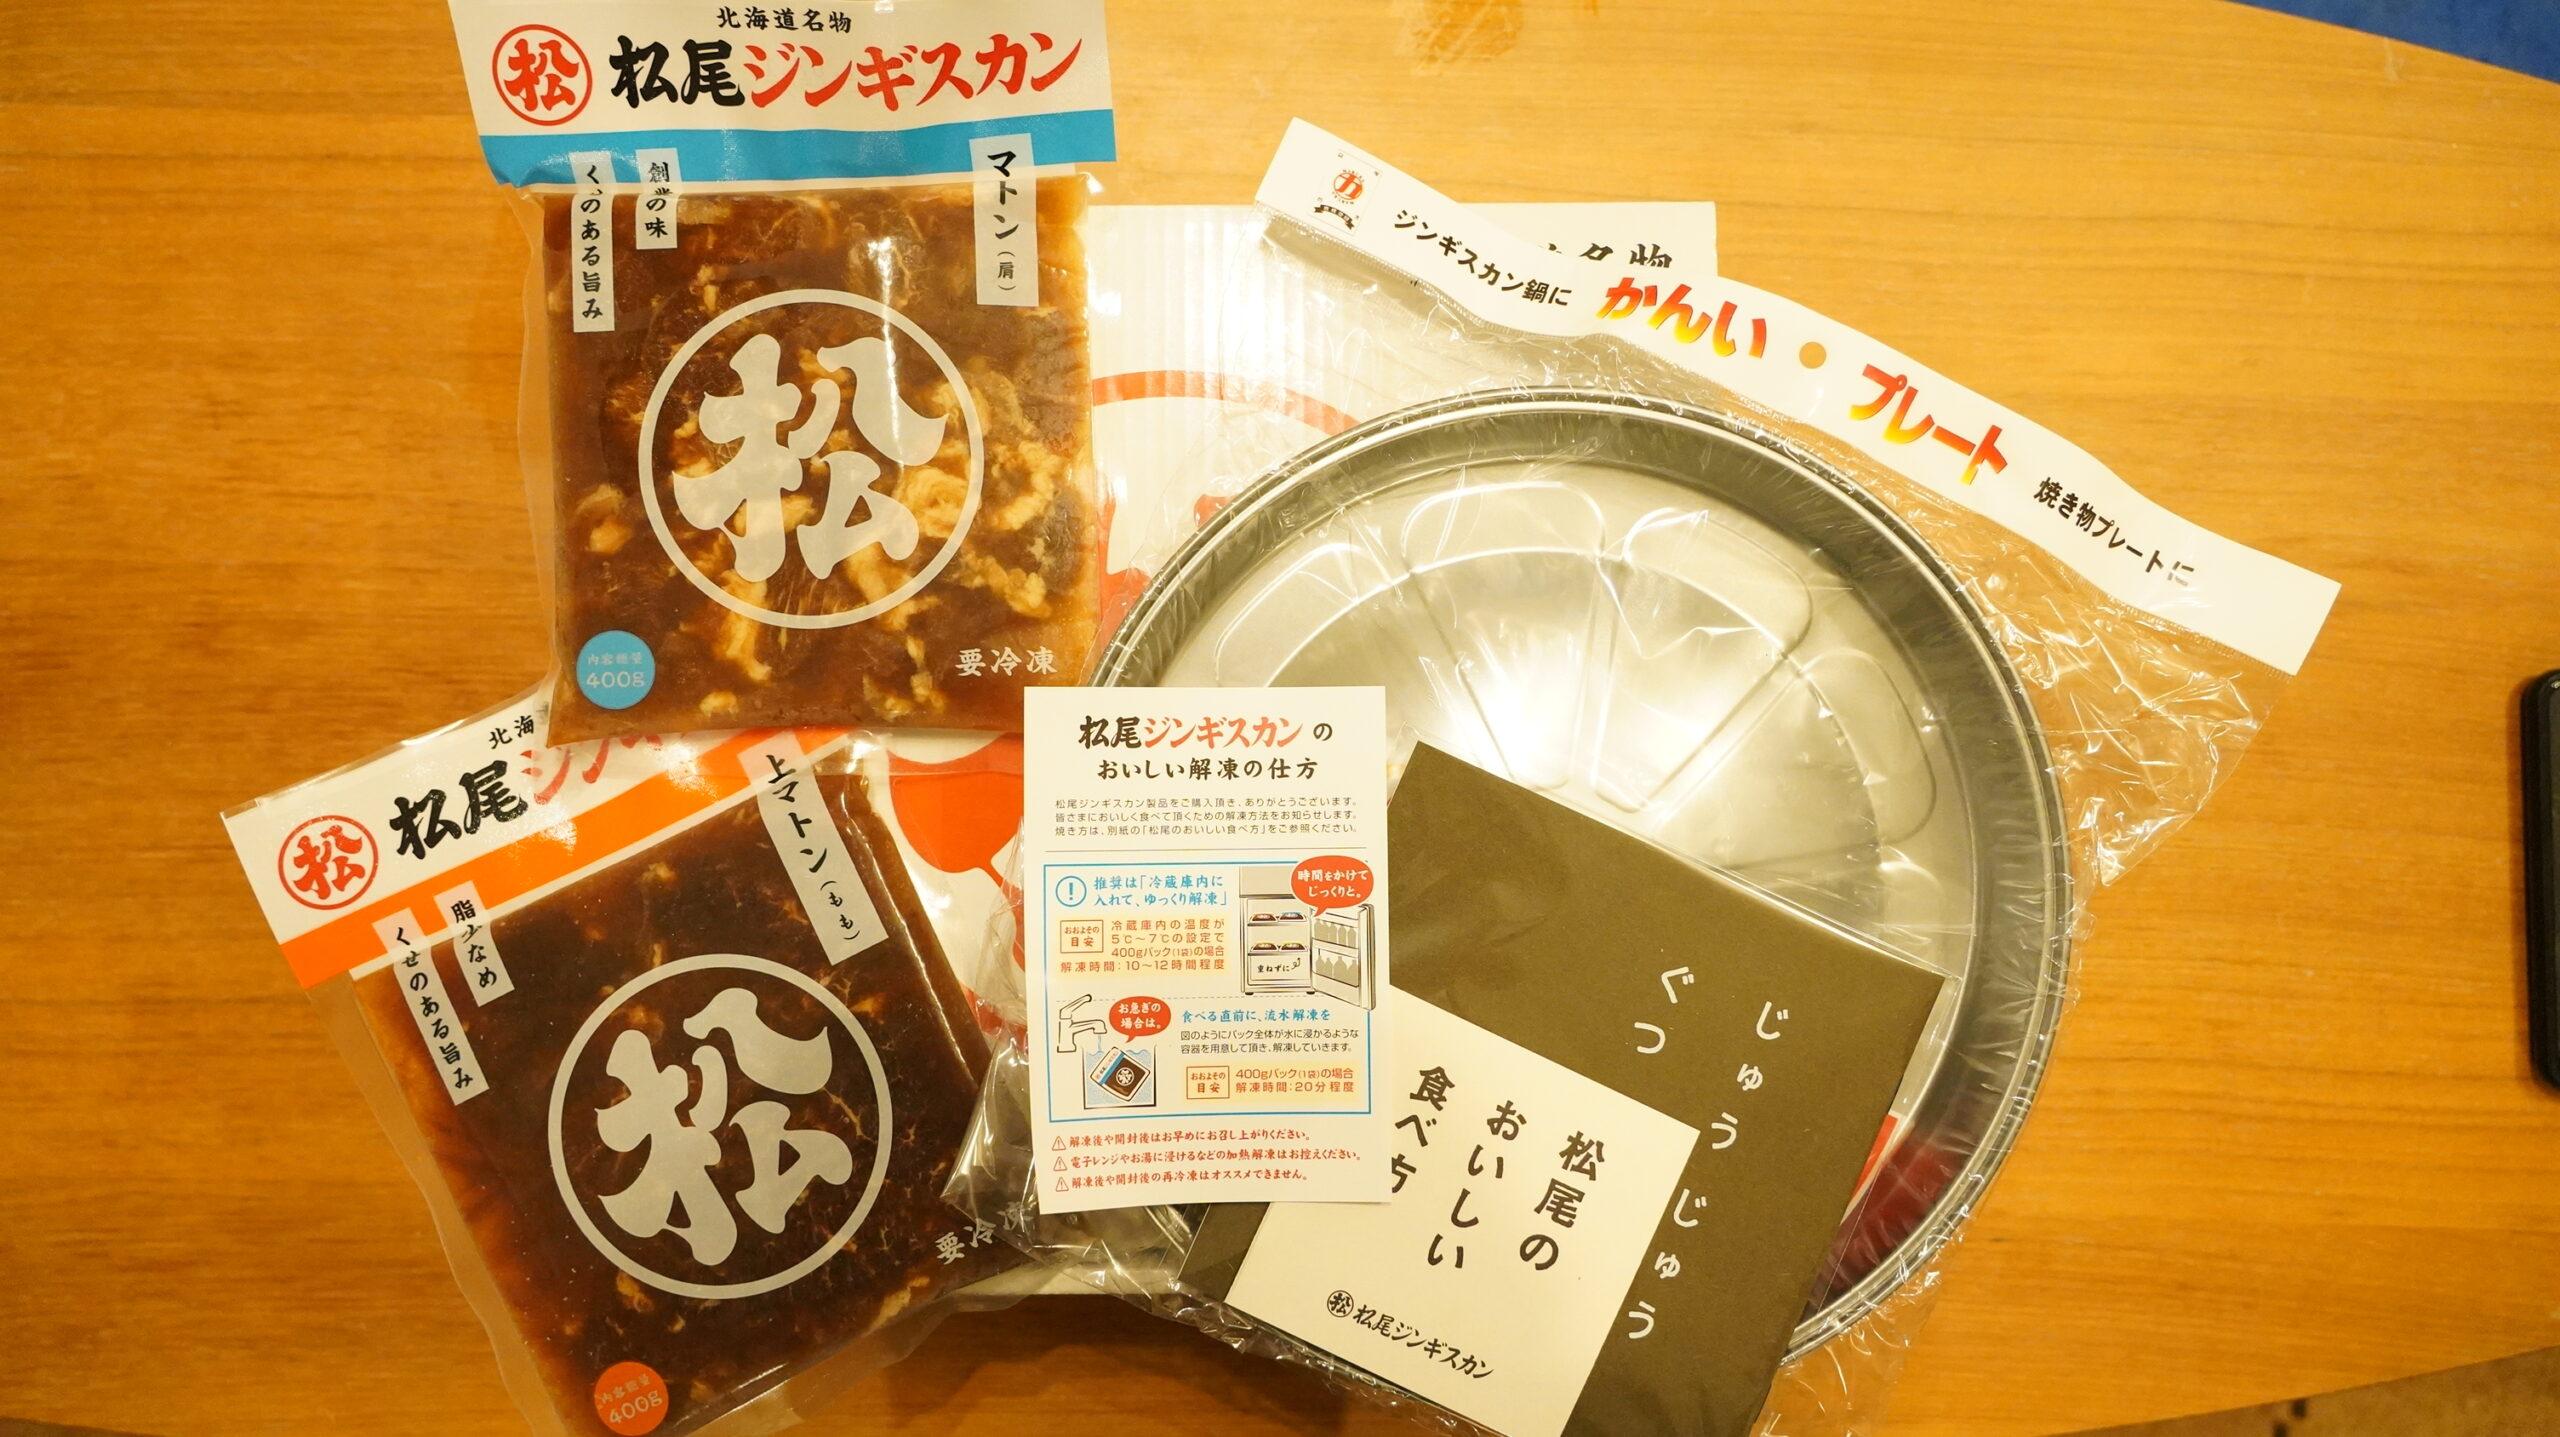 松尾ジンギスカンを通販でお取り寄せした「おためしセットA」の内容物一式